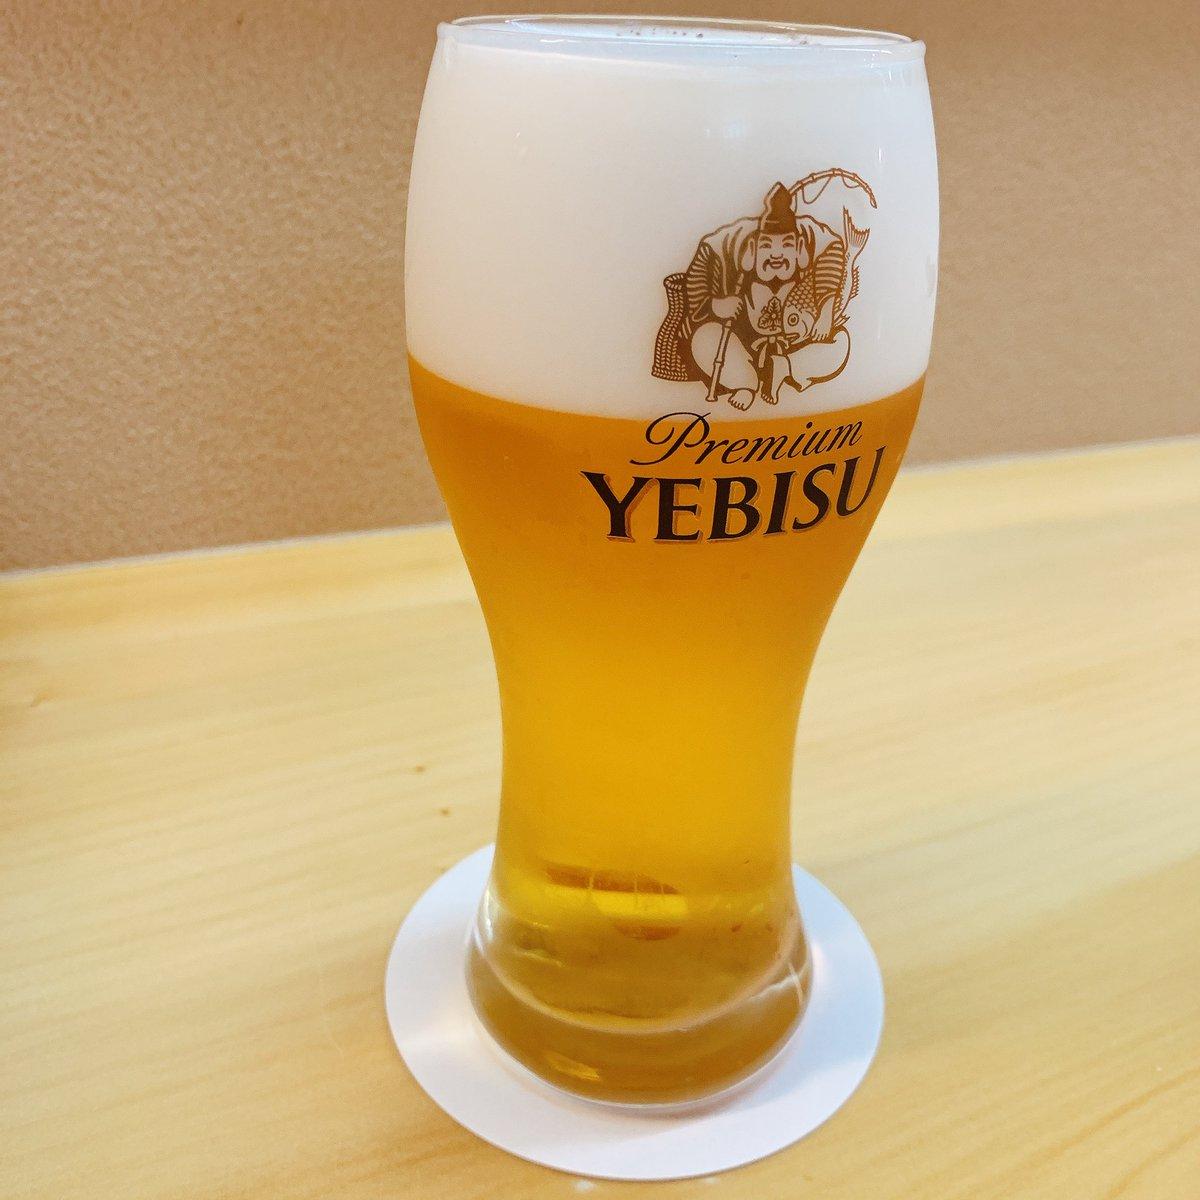 test ツイッターメディア - 続)ビールの後は日本酒にしたが、《鶴齢》の生酒をちびちび飲んでたら程よく腹も膨れてお会計。 全体、料理自体は丁寧な設えで好感なんだけど、味付けで少し好みと離れるところはあり、まぁその辺は嗜好の問題。地物を中心に独りもんをサク飲みさせたいただき、満腹&大感謝。 https://t.co/ZsnvKYEeN5